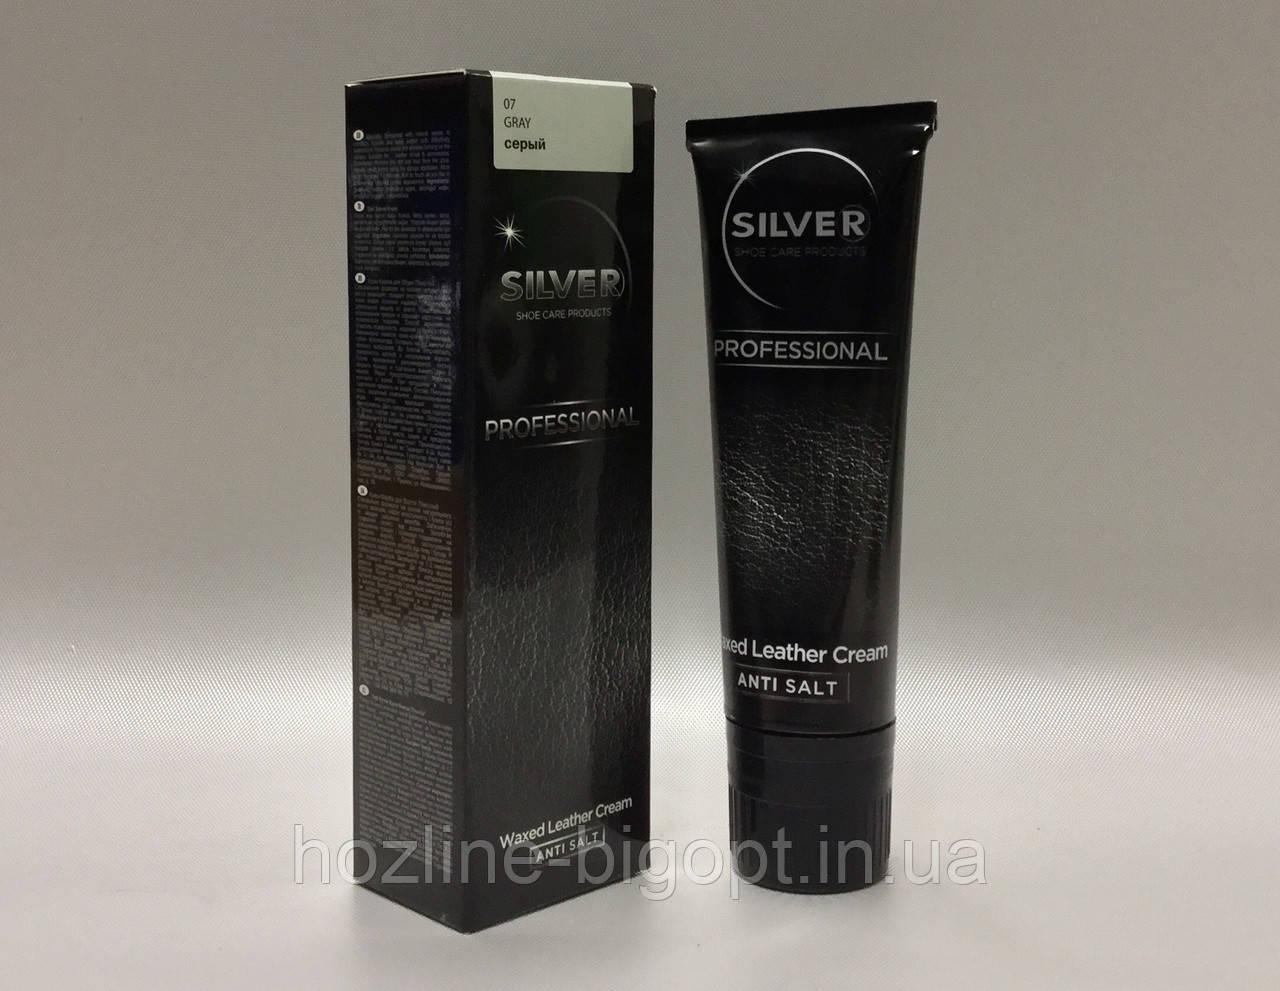 Silver Proffesional Крем краска для обуви тюбик 75мл СЕРЫЙ 07